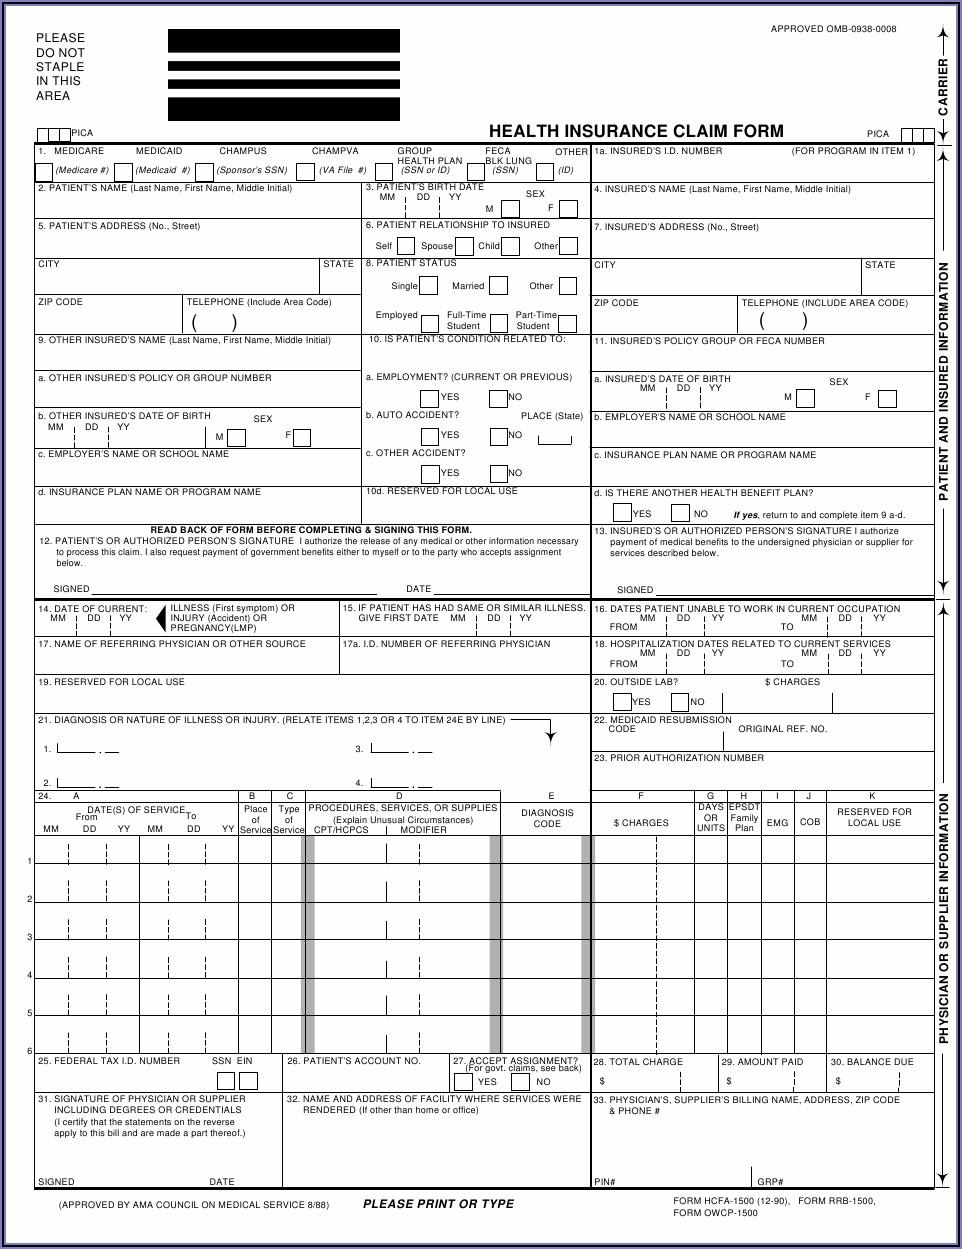 Hcfa 1500 Printable Form